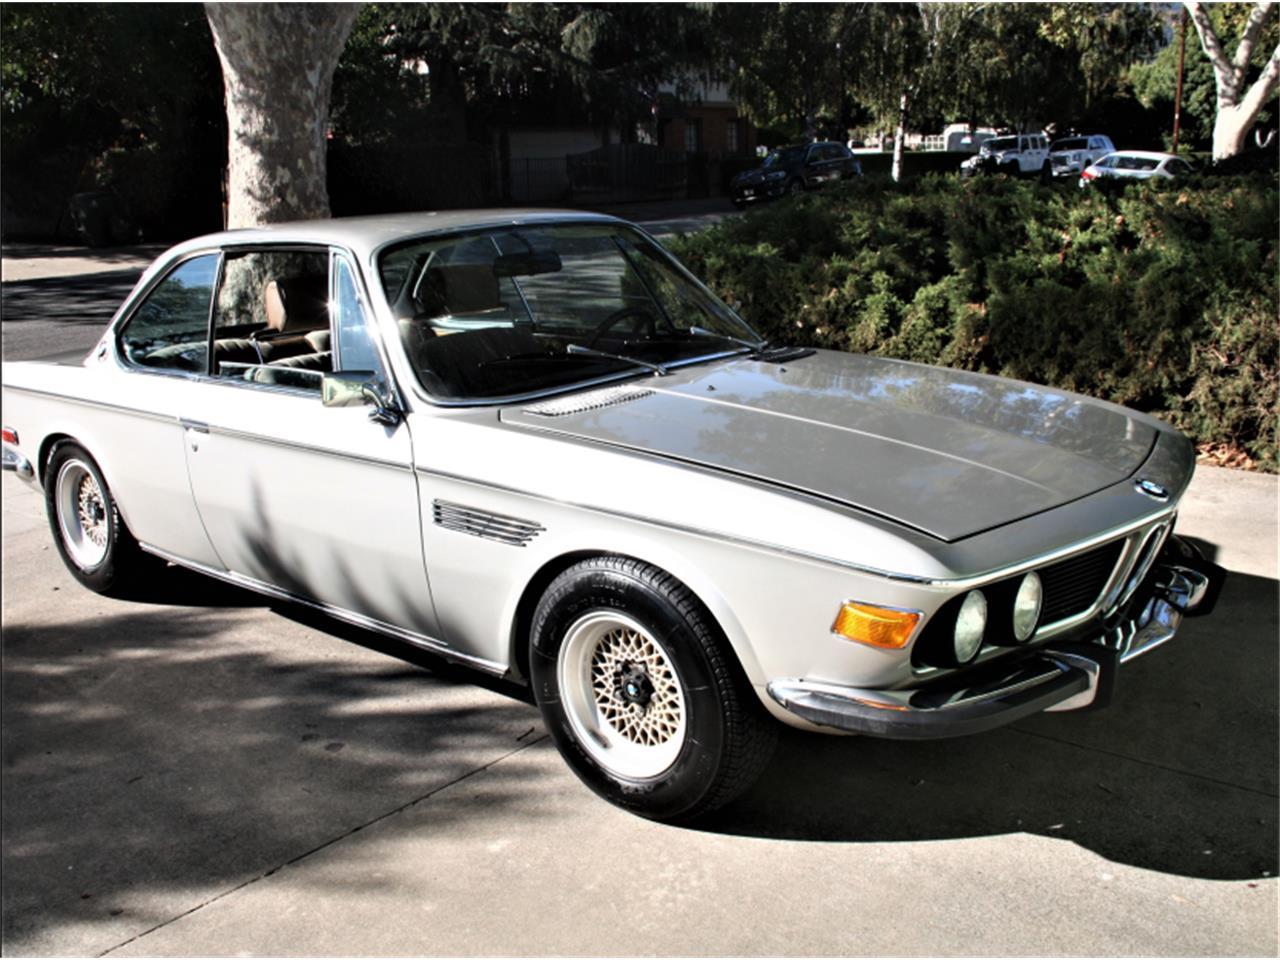 Bmw 3 0 Cs For Sale >> 1972 Bmw 3 0cs For Sale Classiccars Com Cc 1025053